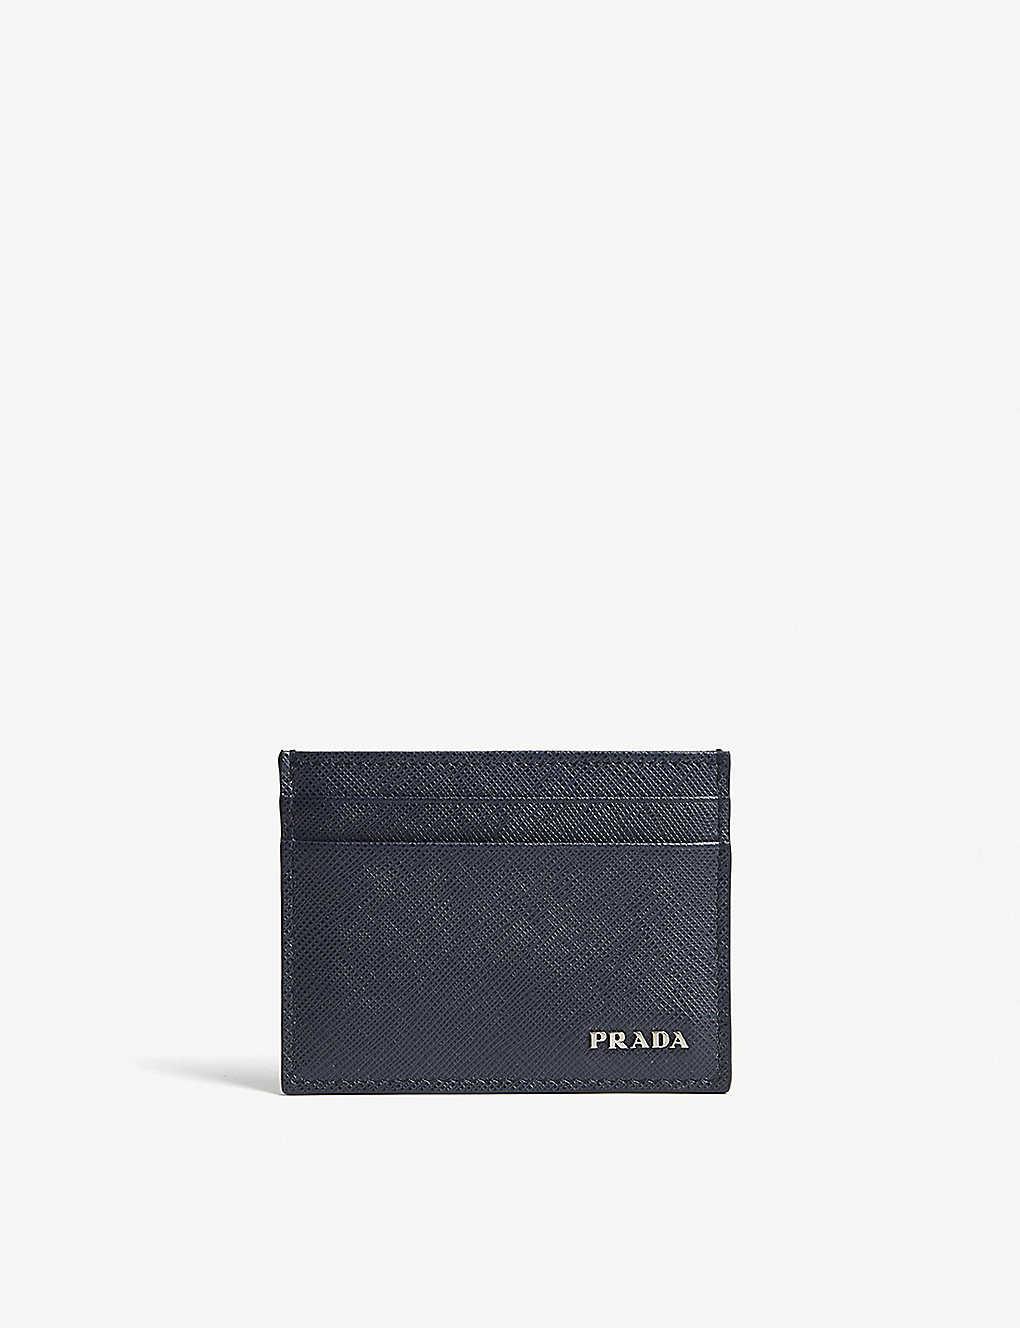 1041734e5560 PRADA - Saffiano leather card holder | Selfridges.com